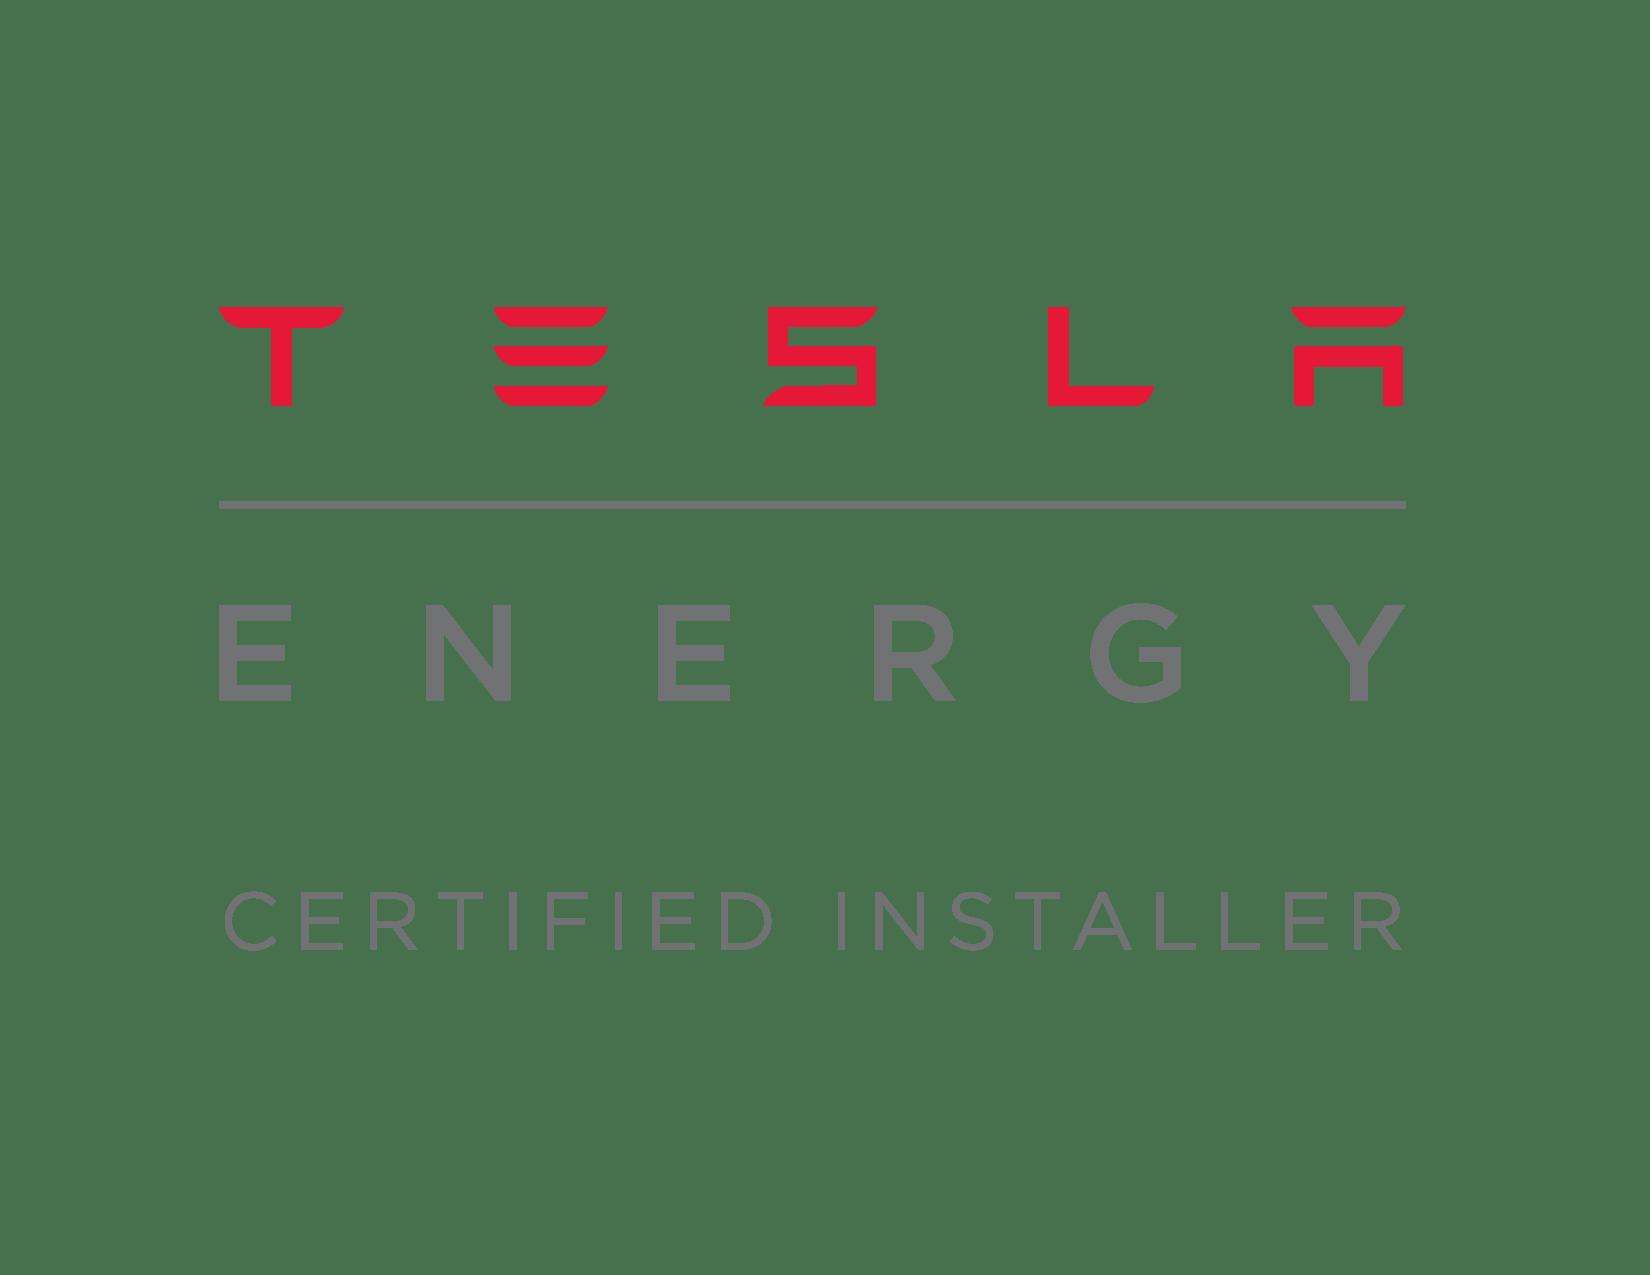 te certified installer light kb wessex ecoenergy